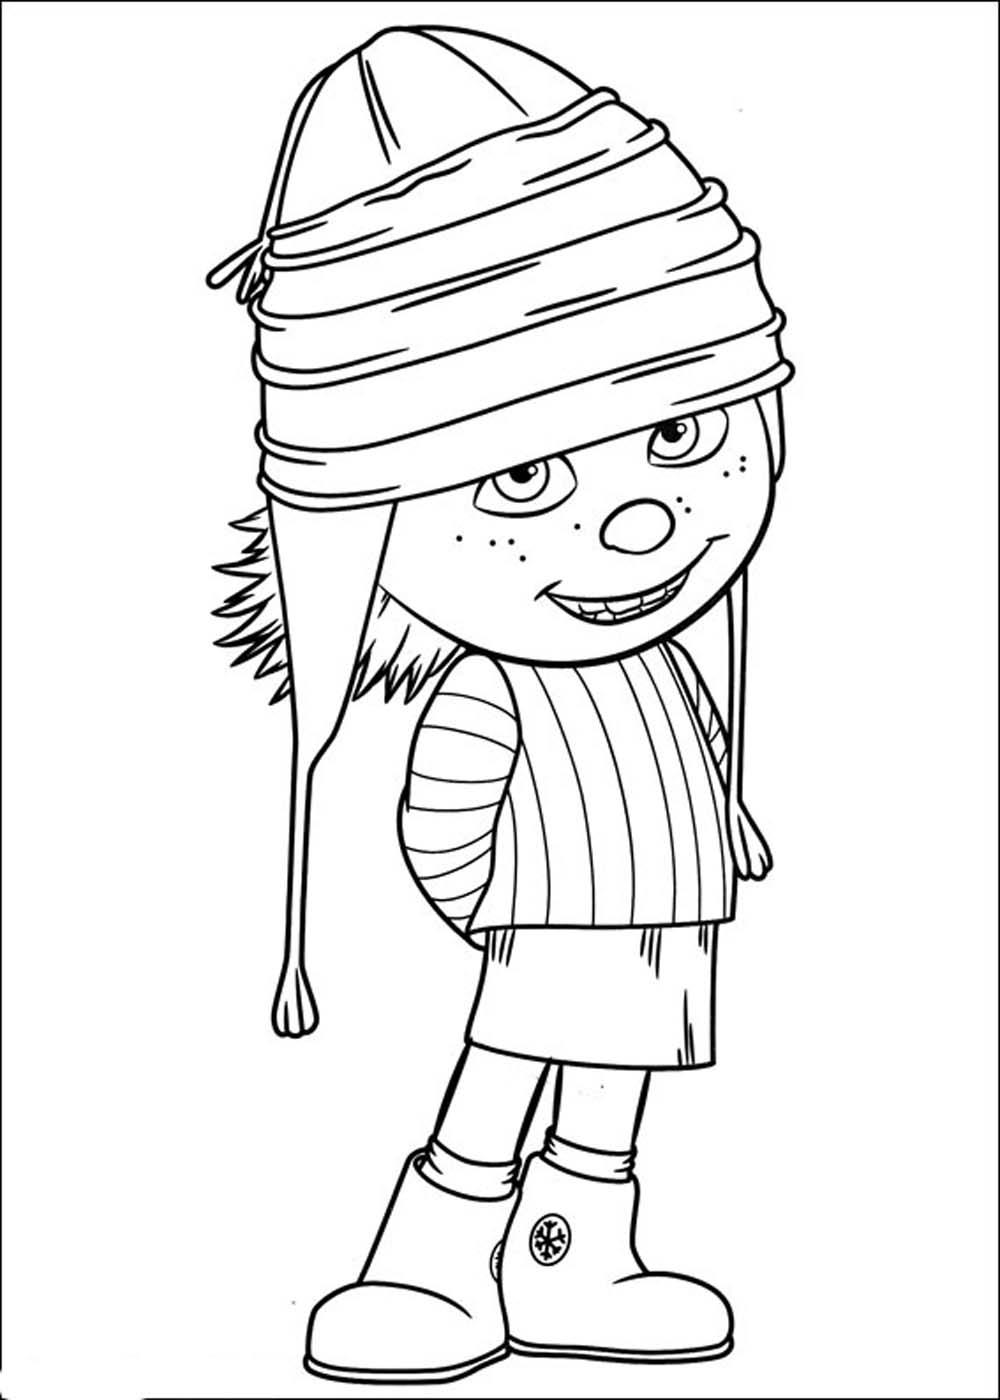 Imágenes de Minions para colorear - Dibujos De